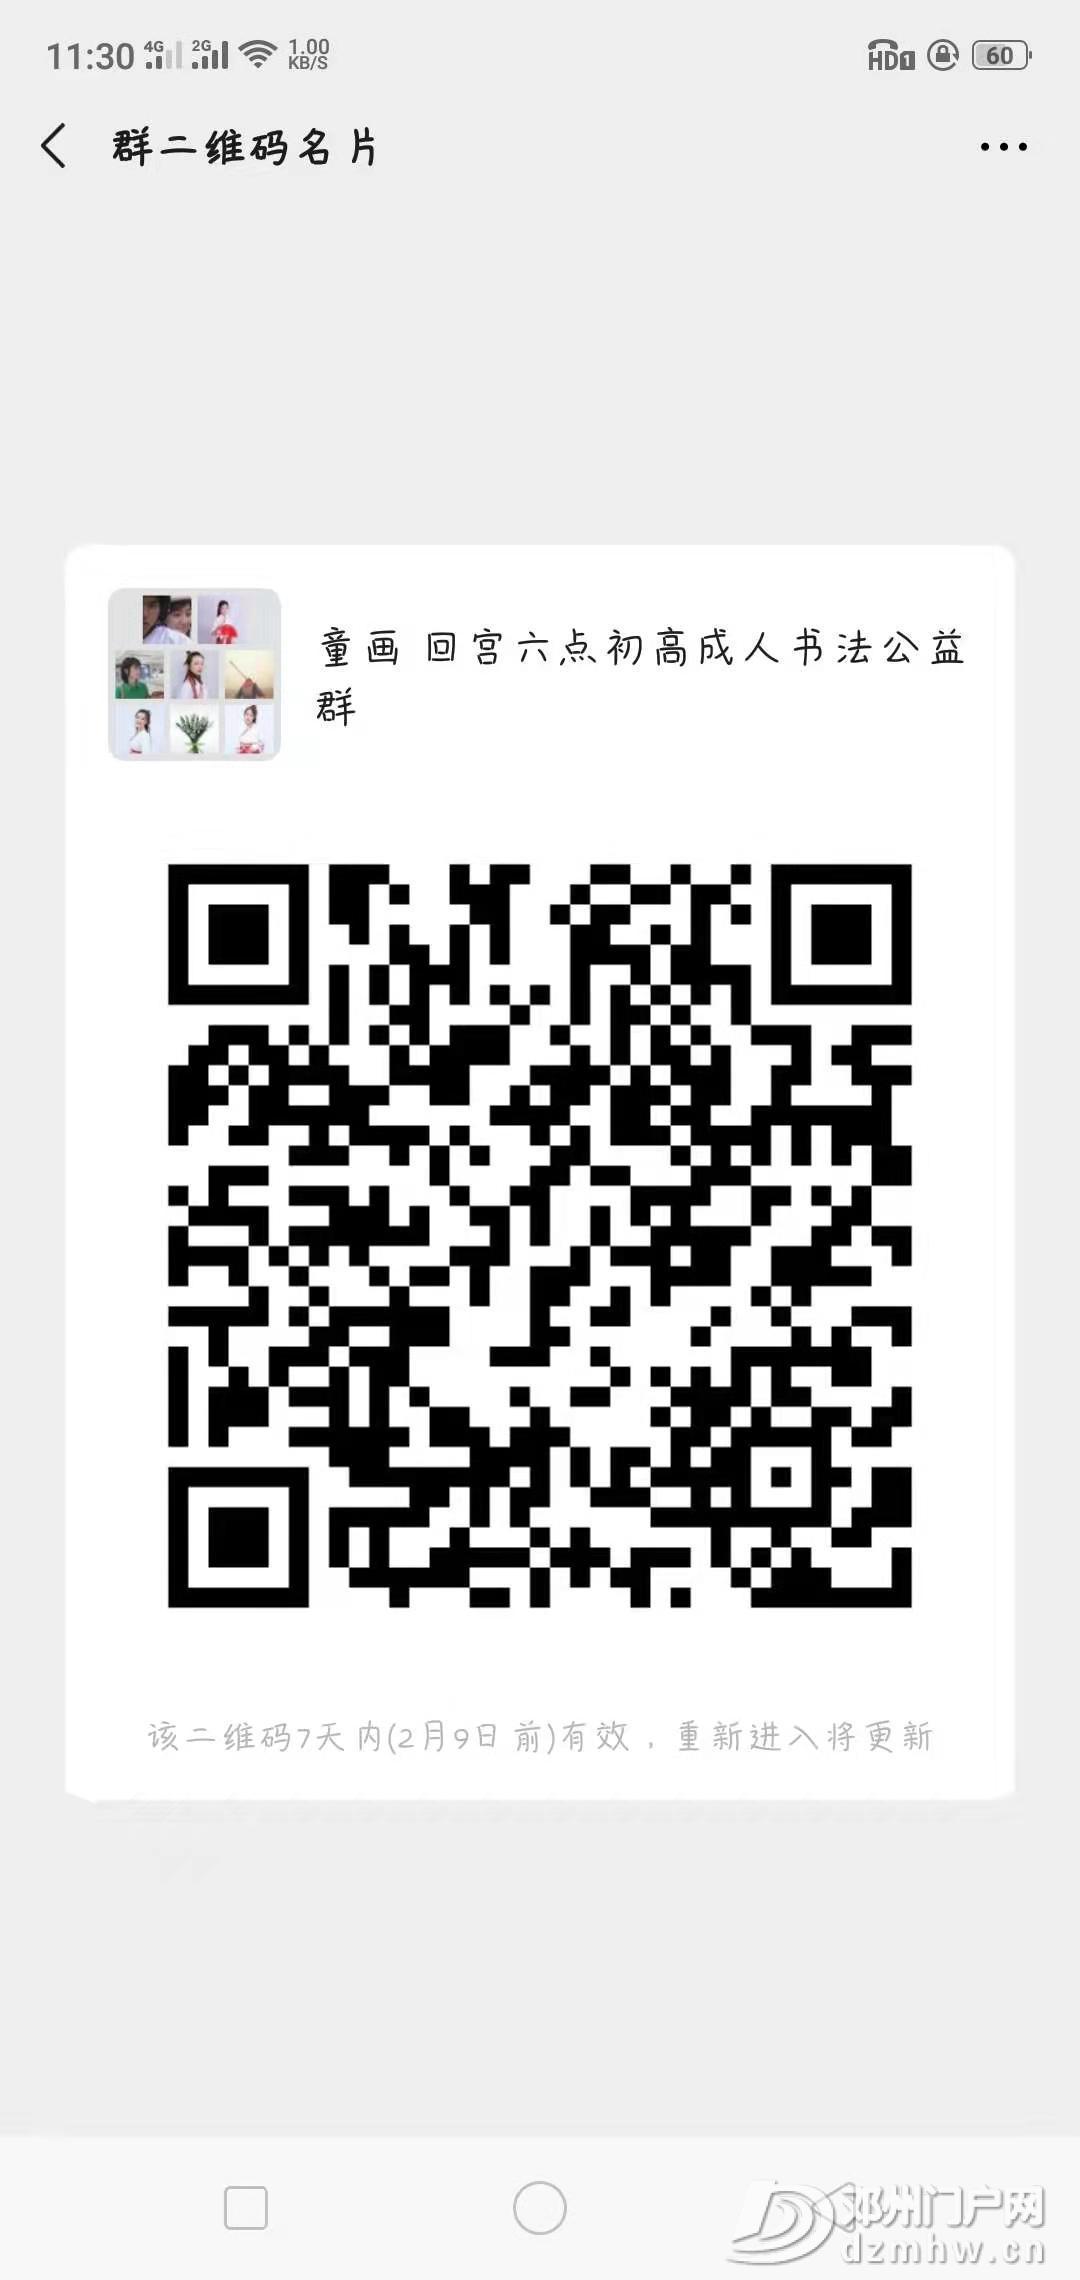 童画线上公益活动课 - 邓州门户网|邓州网 - 17.jpg